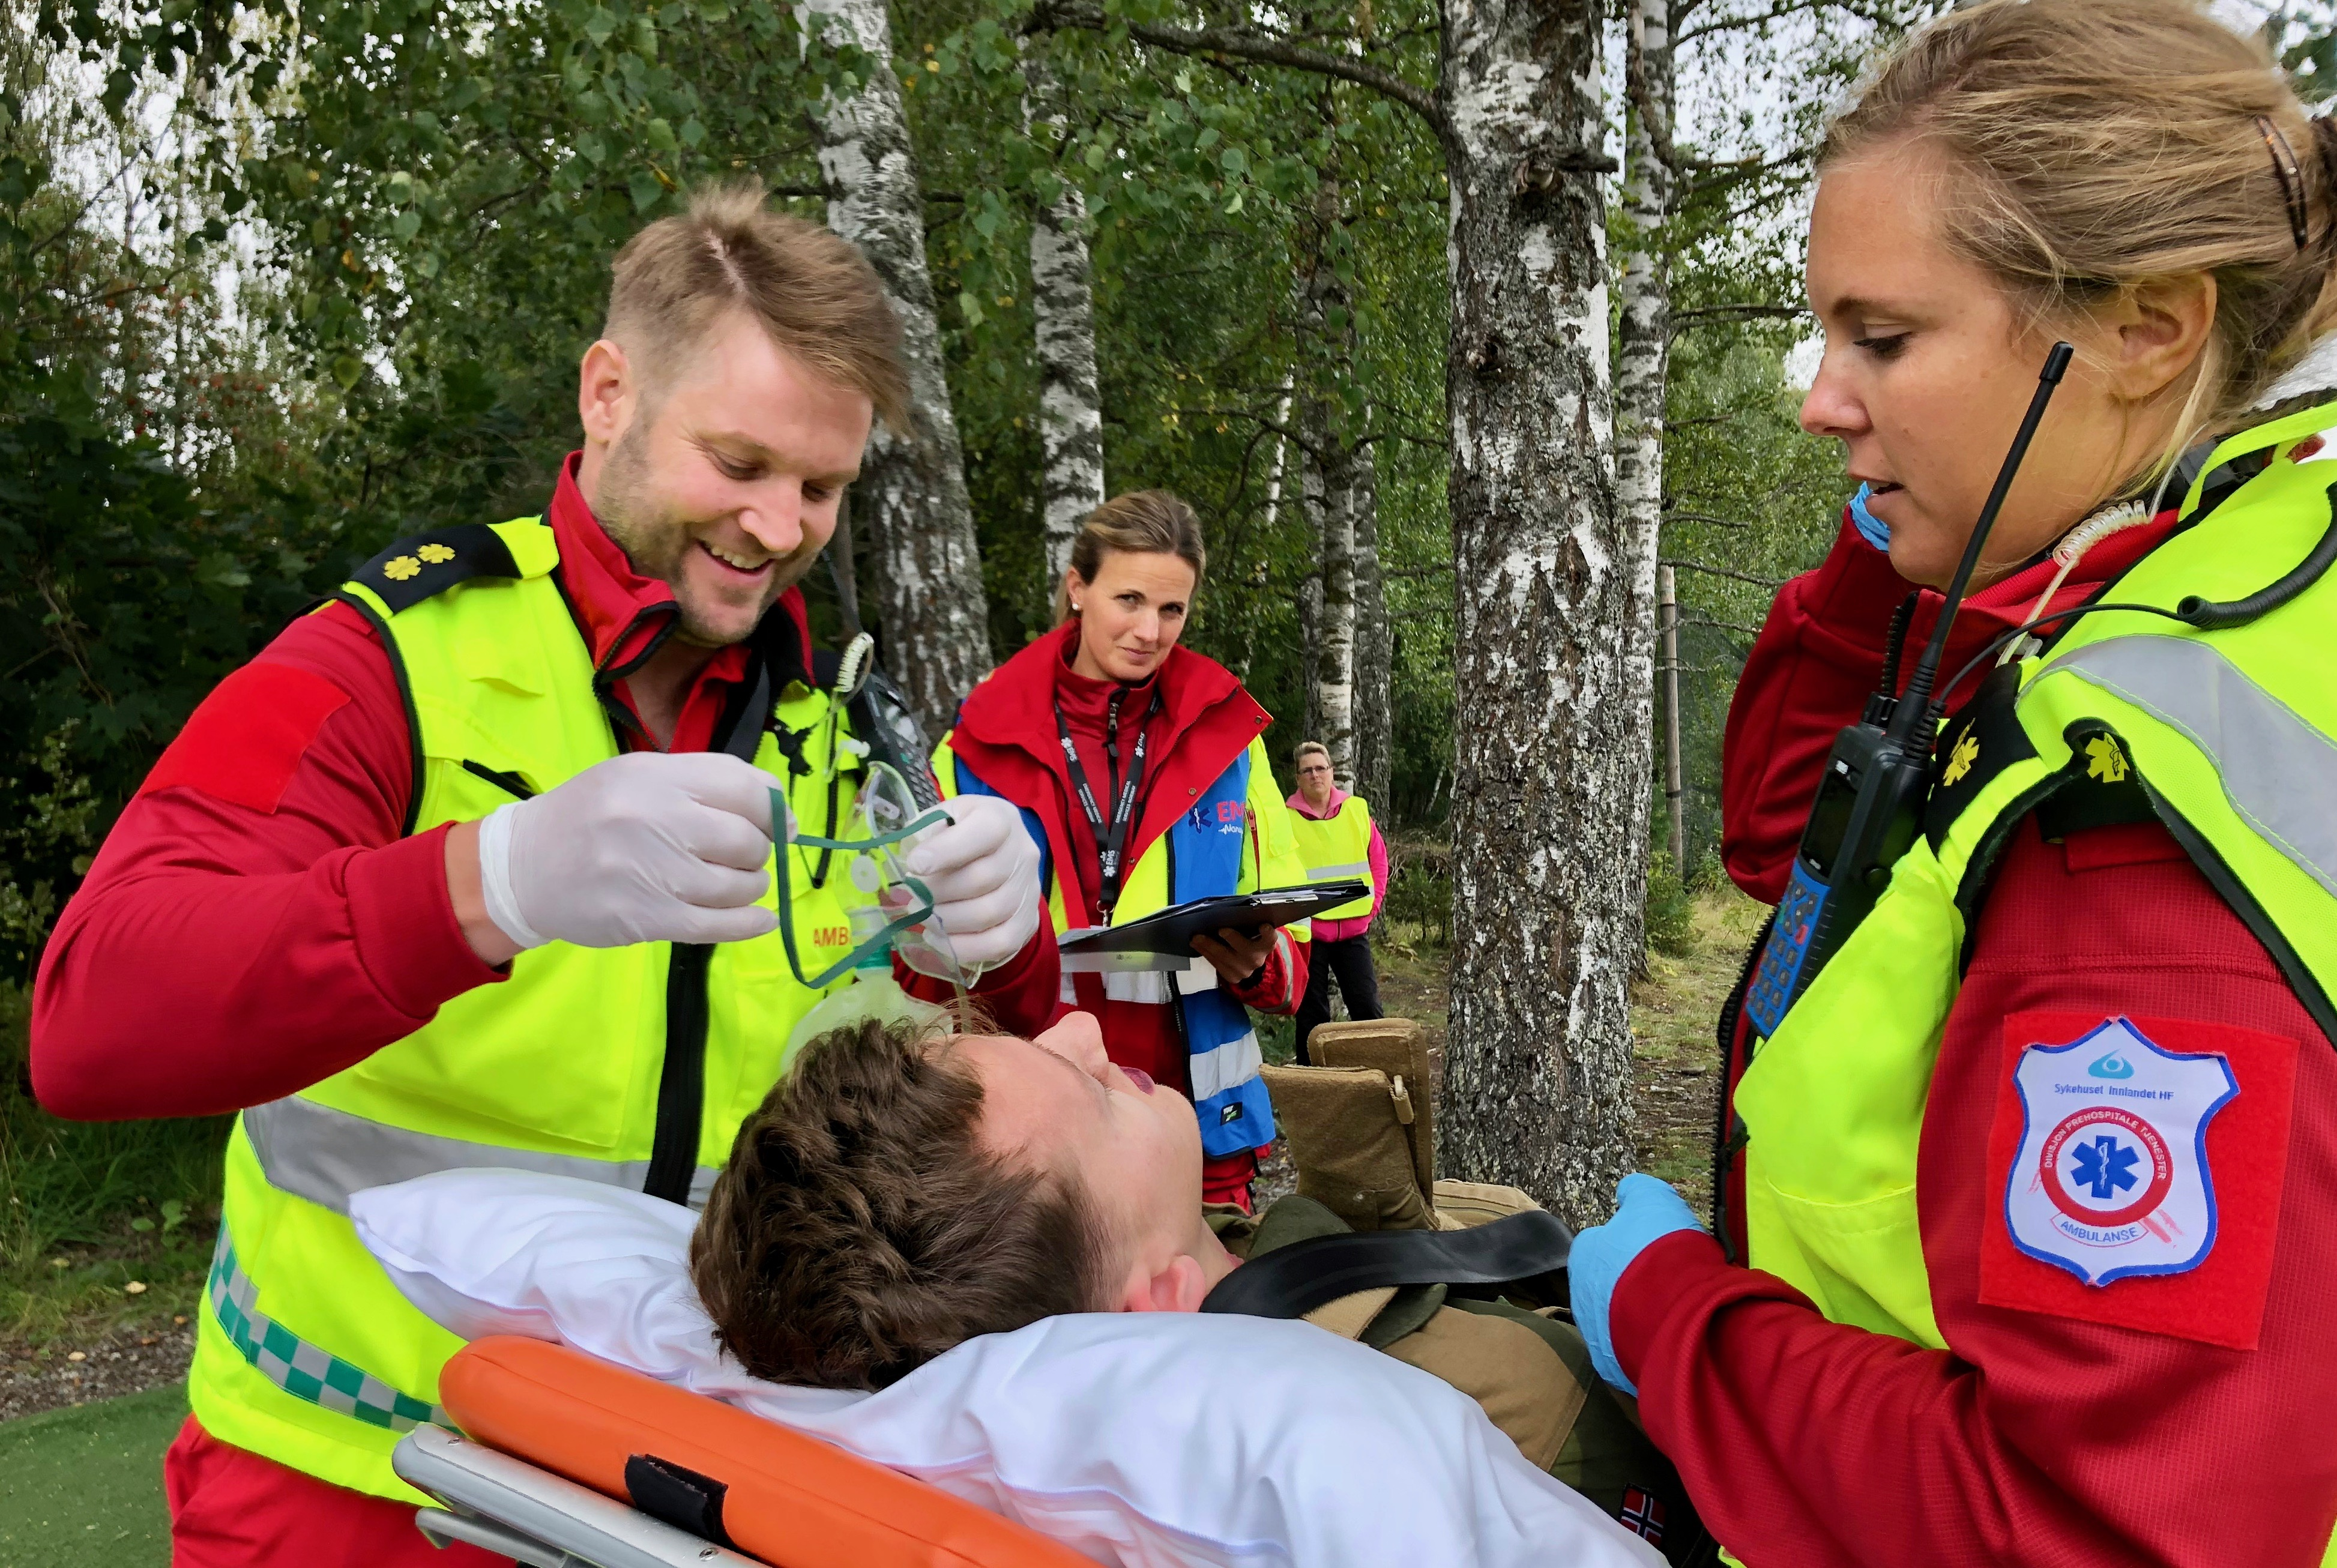 Hæljelaget på anafylaksi-case under Sykehuset Innlandet sitt mesterskap. Foto: Live Oftedahl